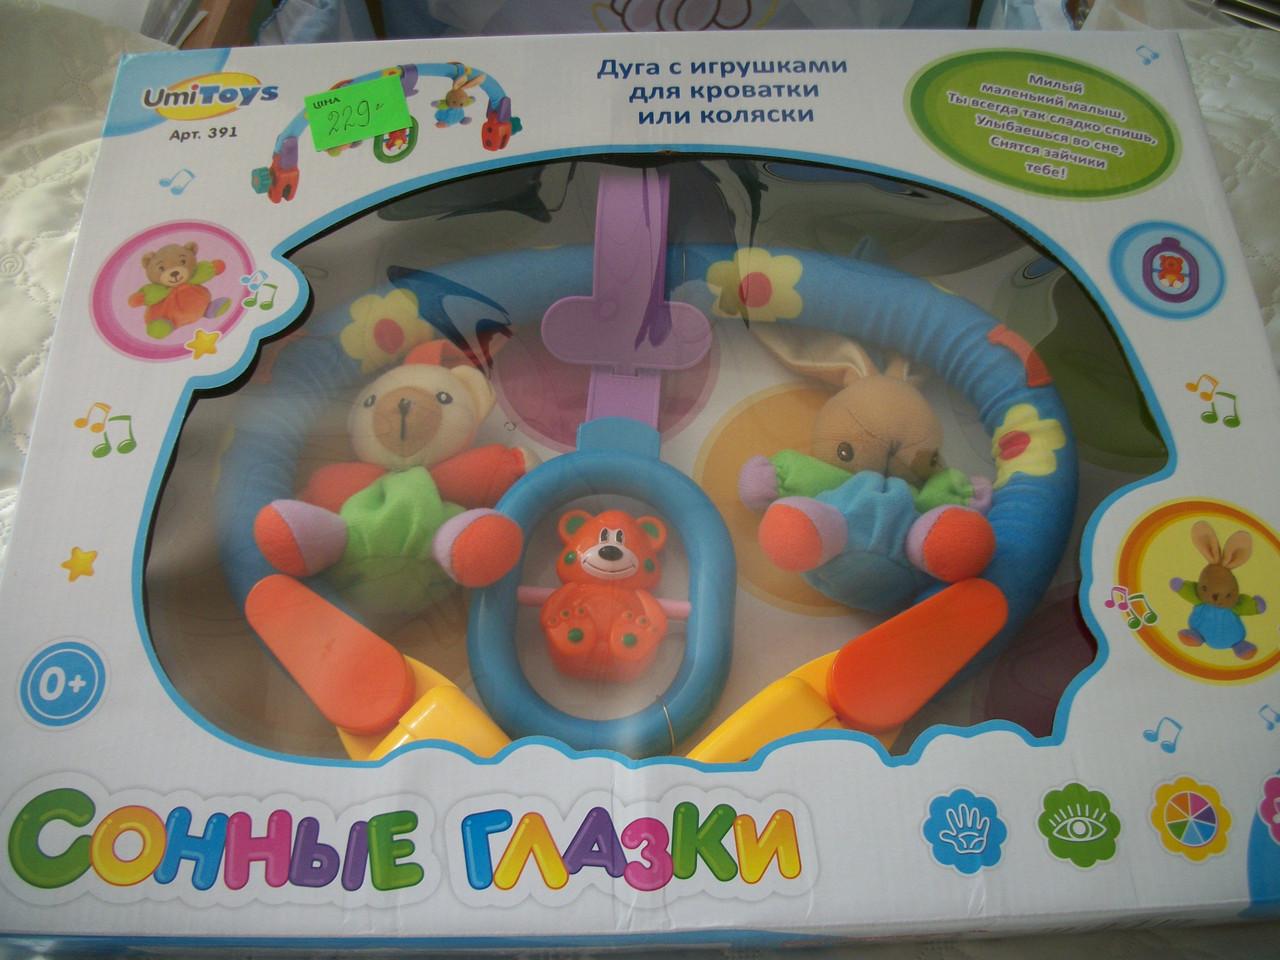 Как сделать дугу с игрушками своими руками 13